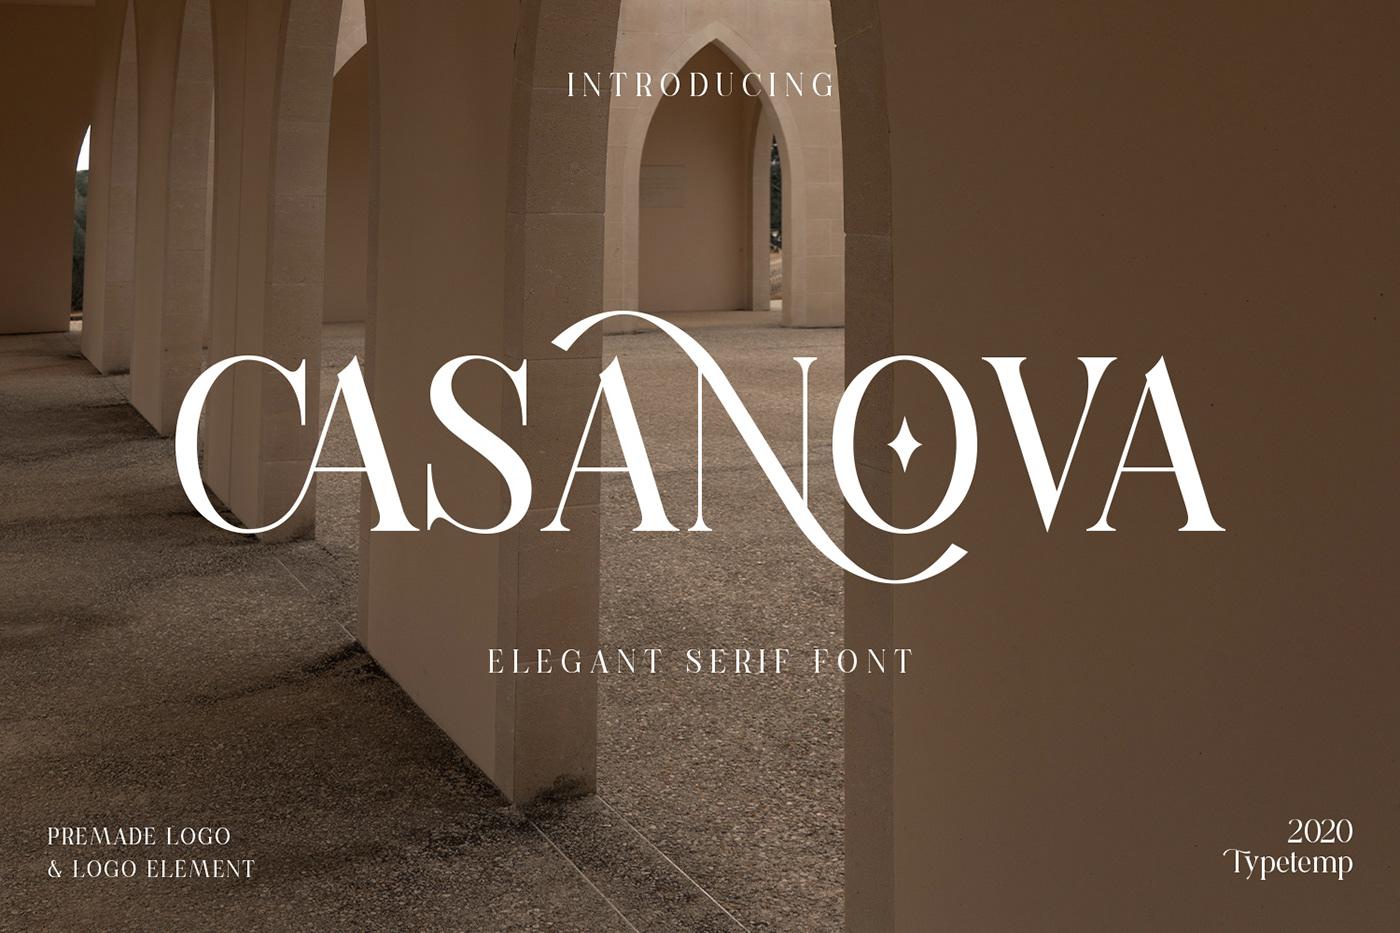 现代时尚连字海报标题徽标Logo设计衬线英文字体素材 Casanova Serif Display Font插图1